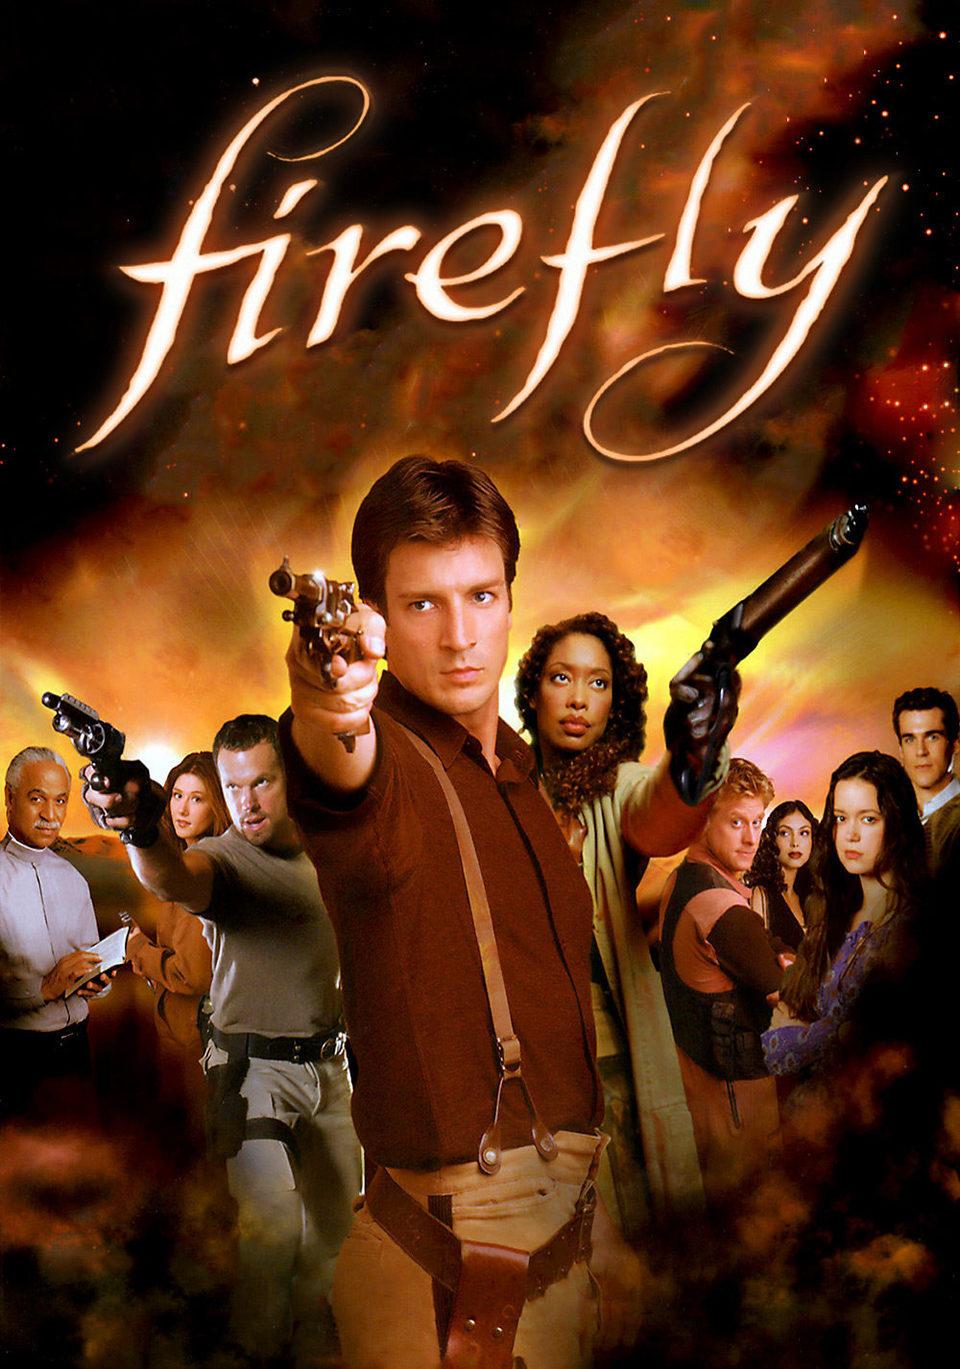 Cartel 'Firefly' #2 de 'Firefly'